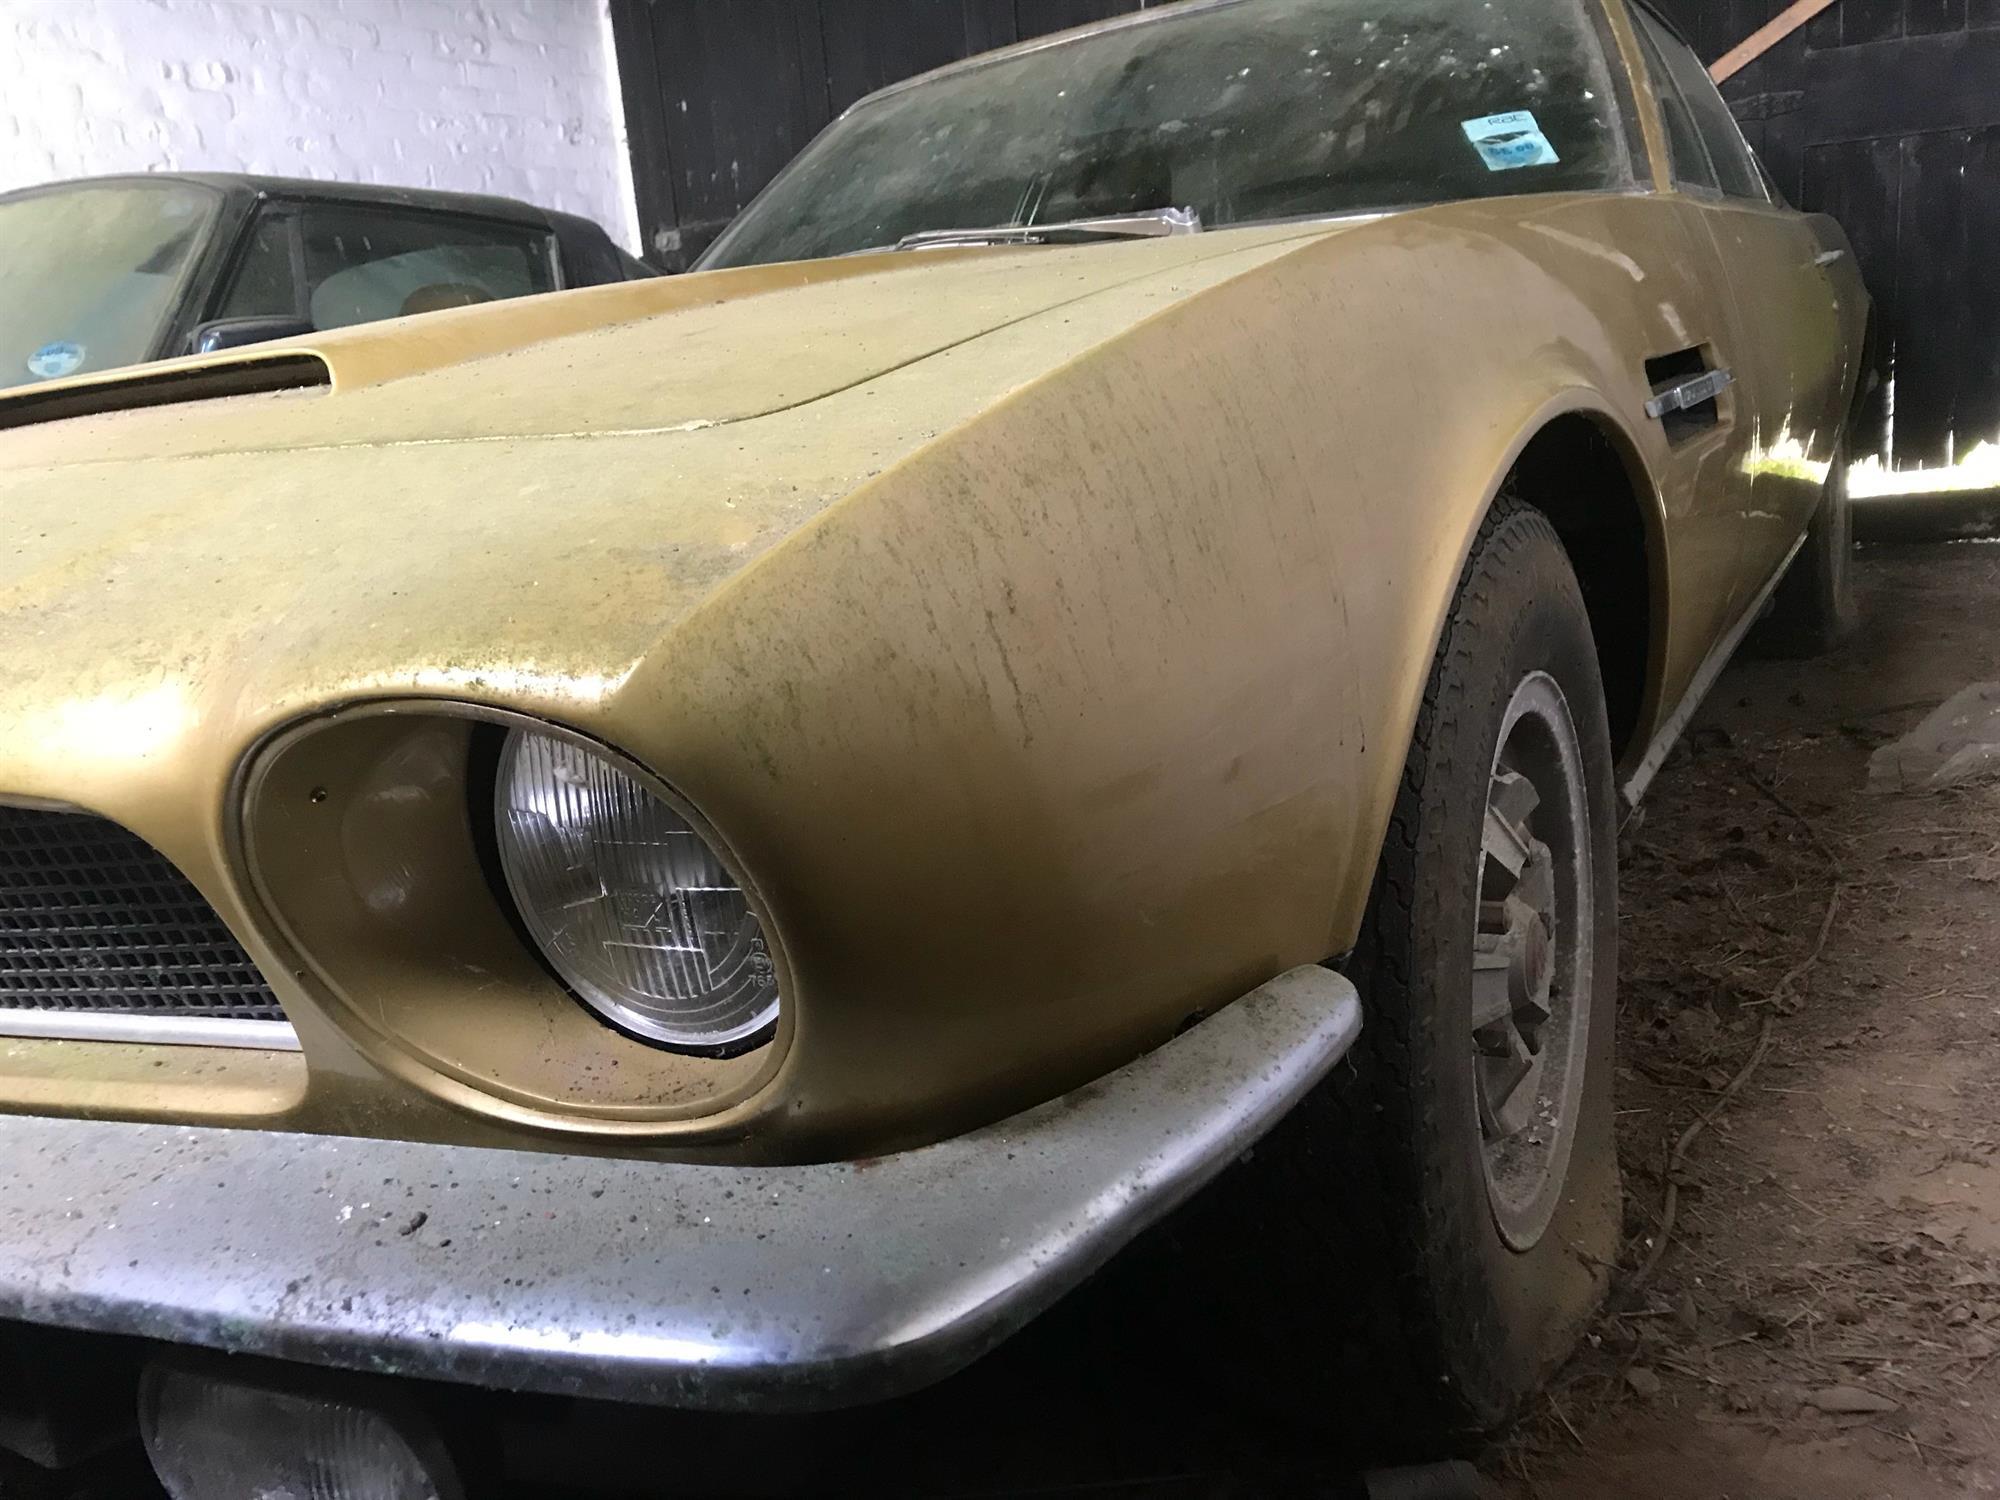 1973 Aston Martin AM V8 - Garage Find - Image 3 of 13